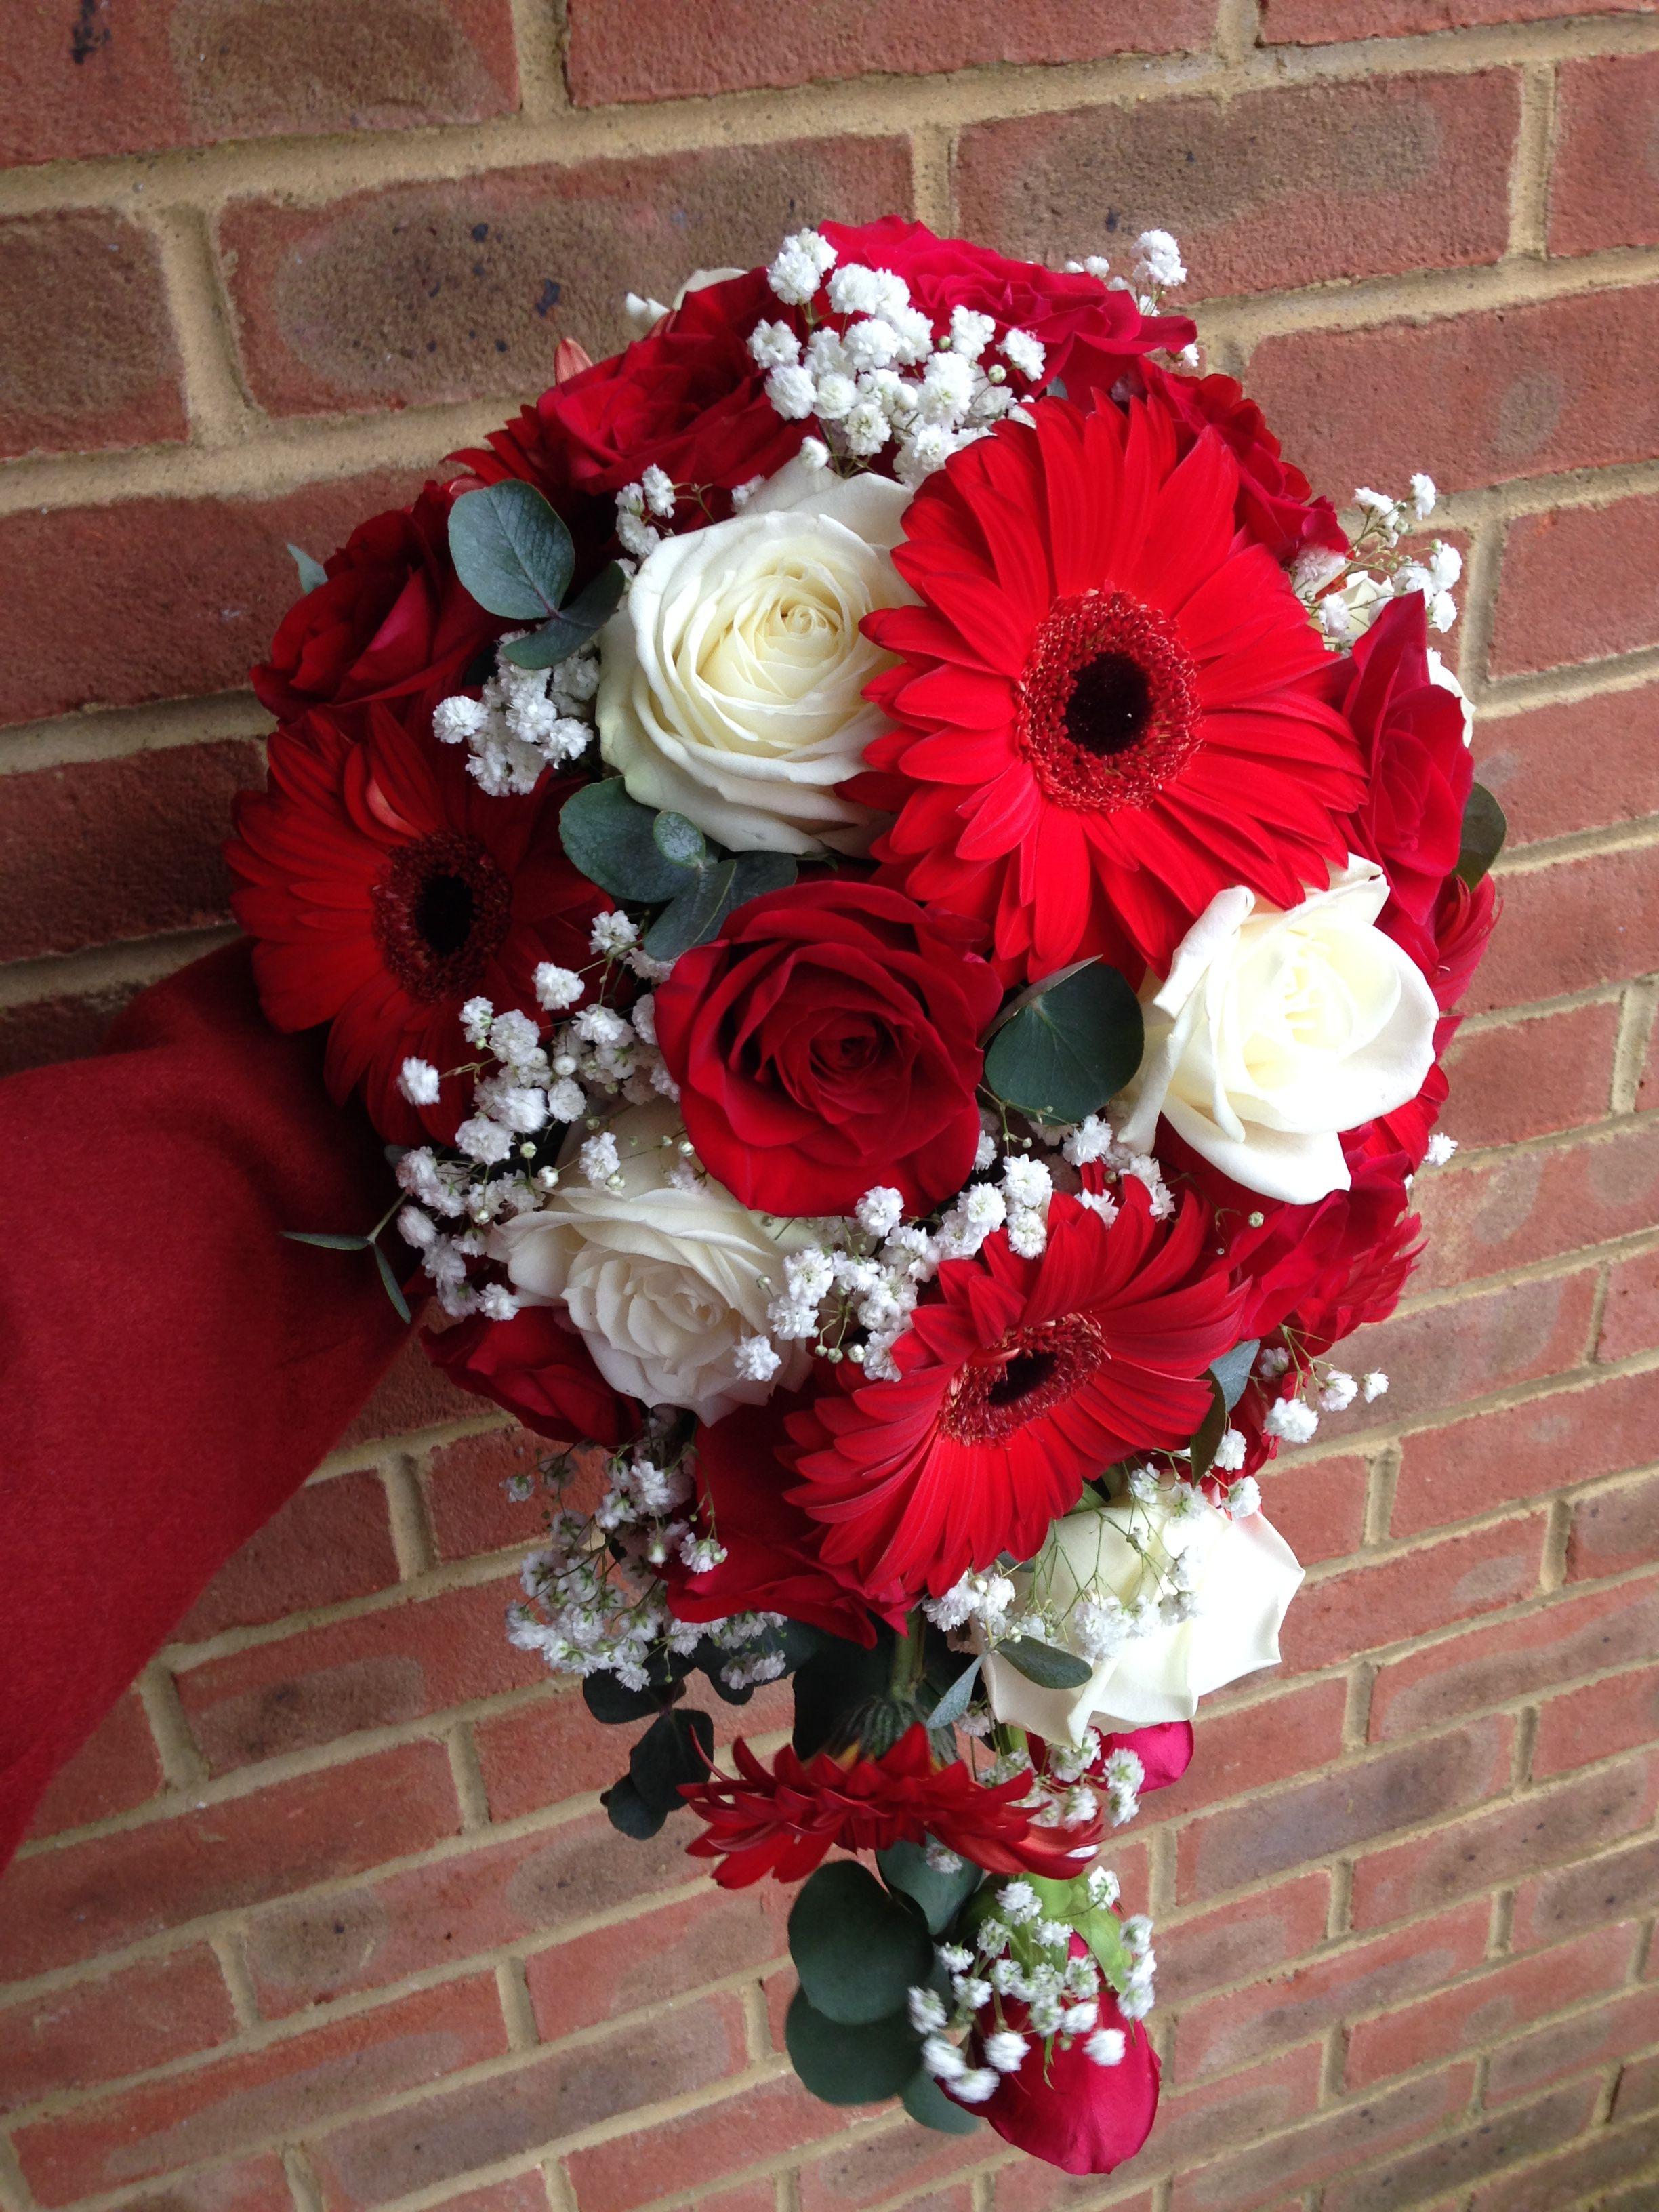 Deko Blumen Hochzeit Blumendeko Hochzeit Mit Rosen Bildergalerie